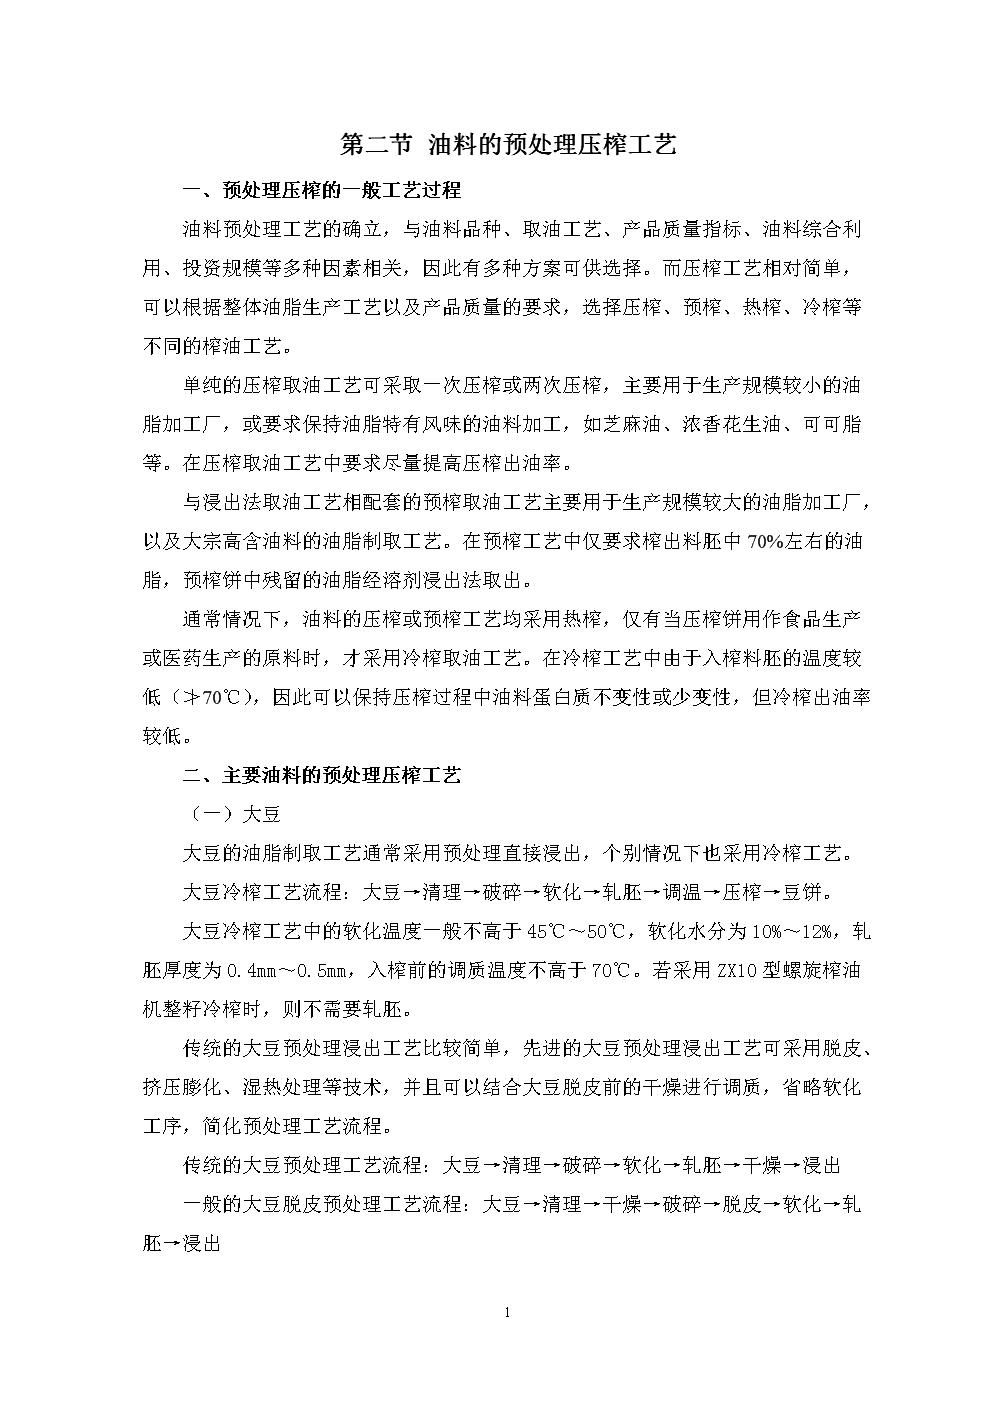 油料的预处理压榨工艺.doc